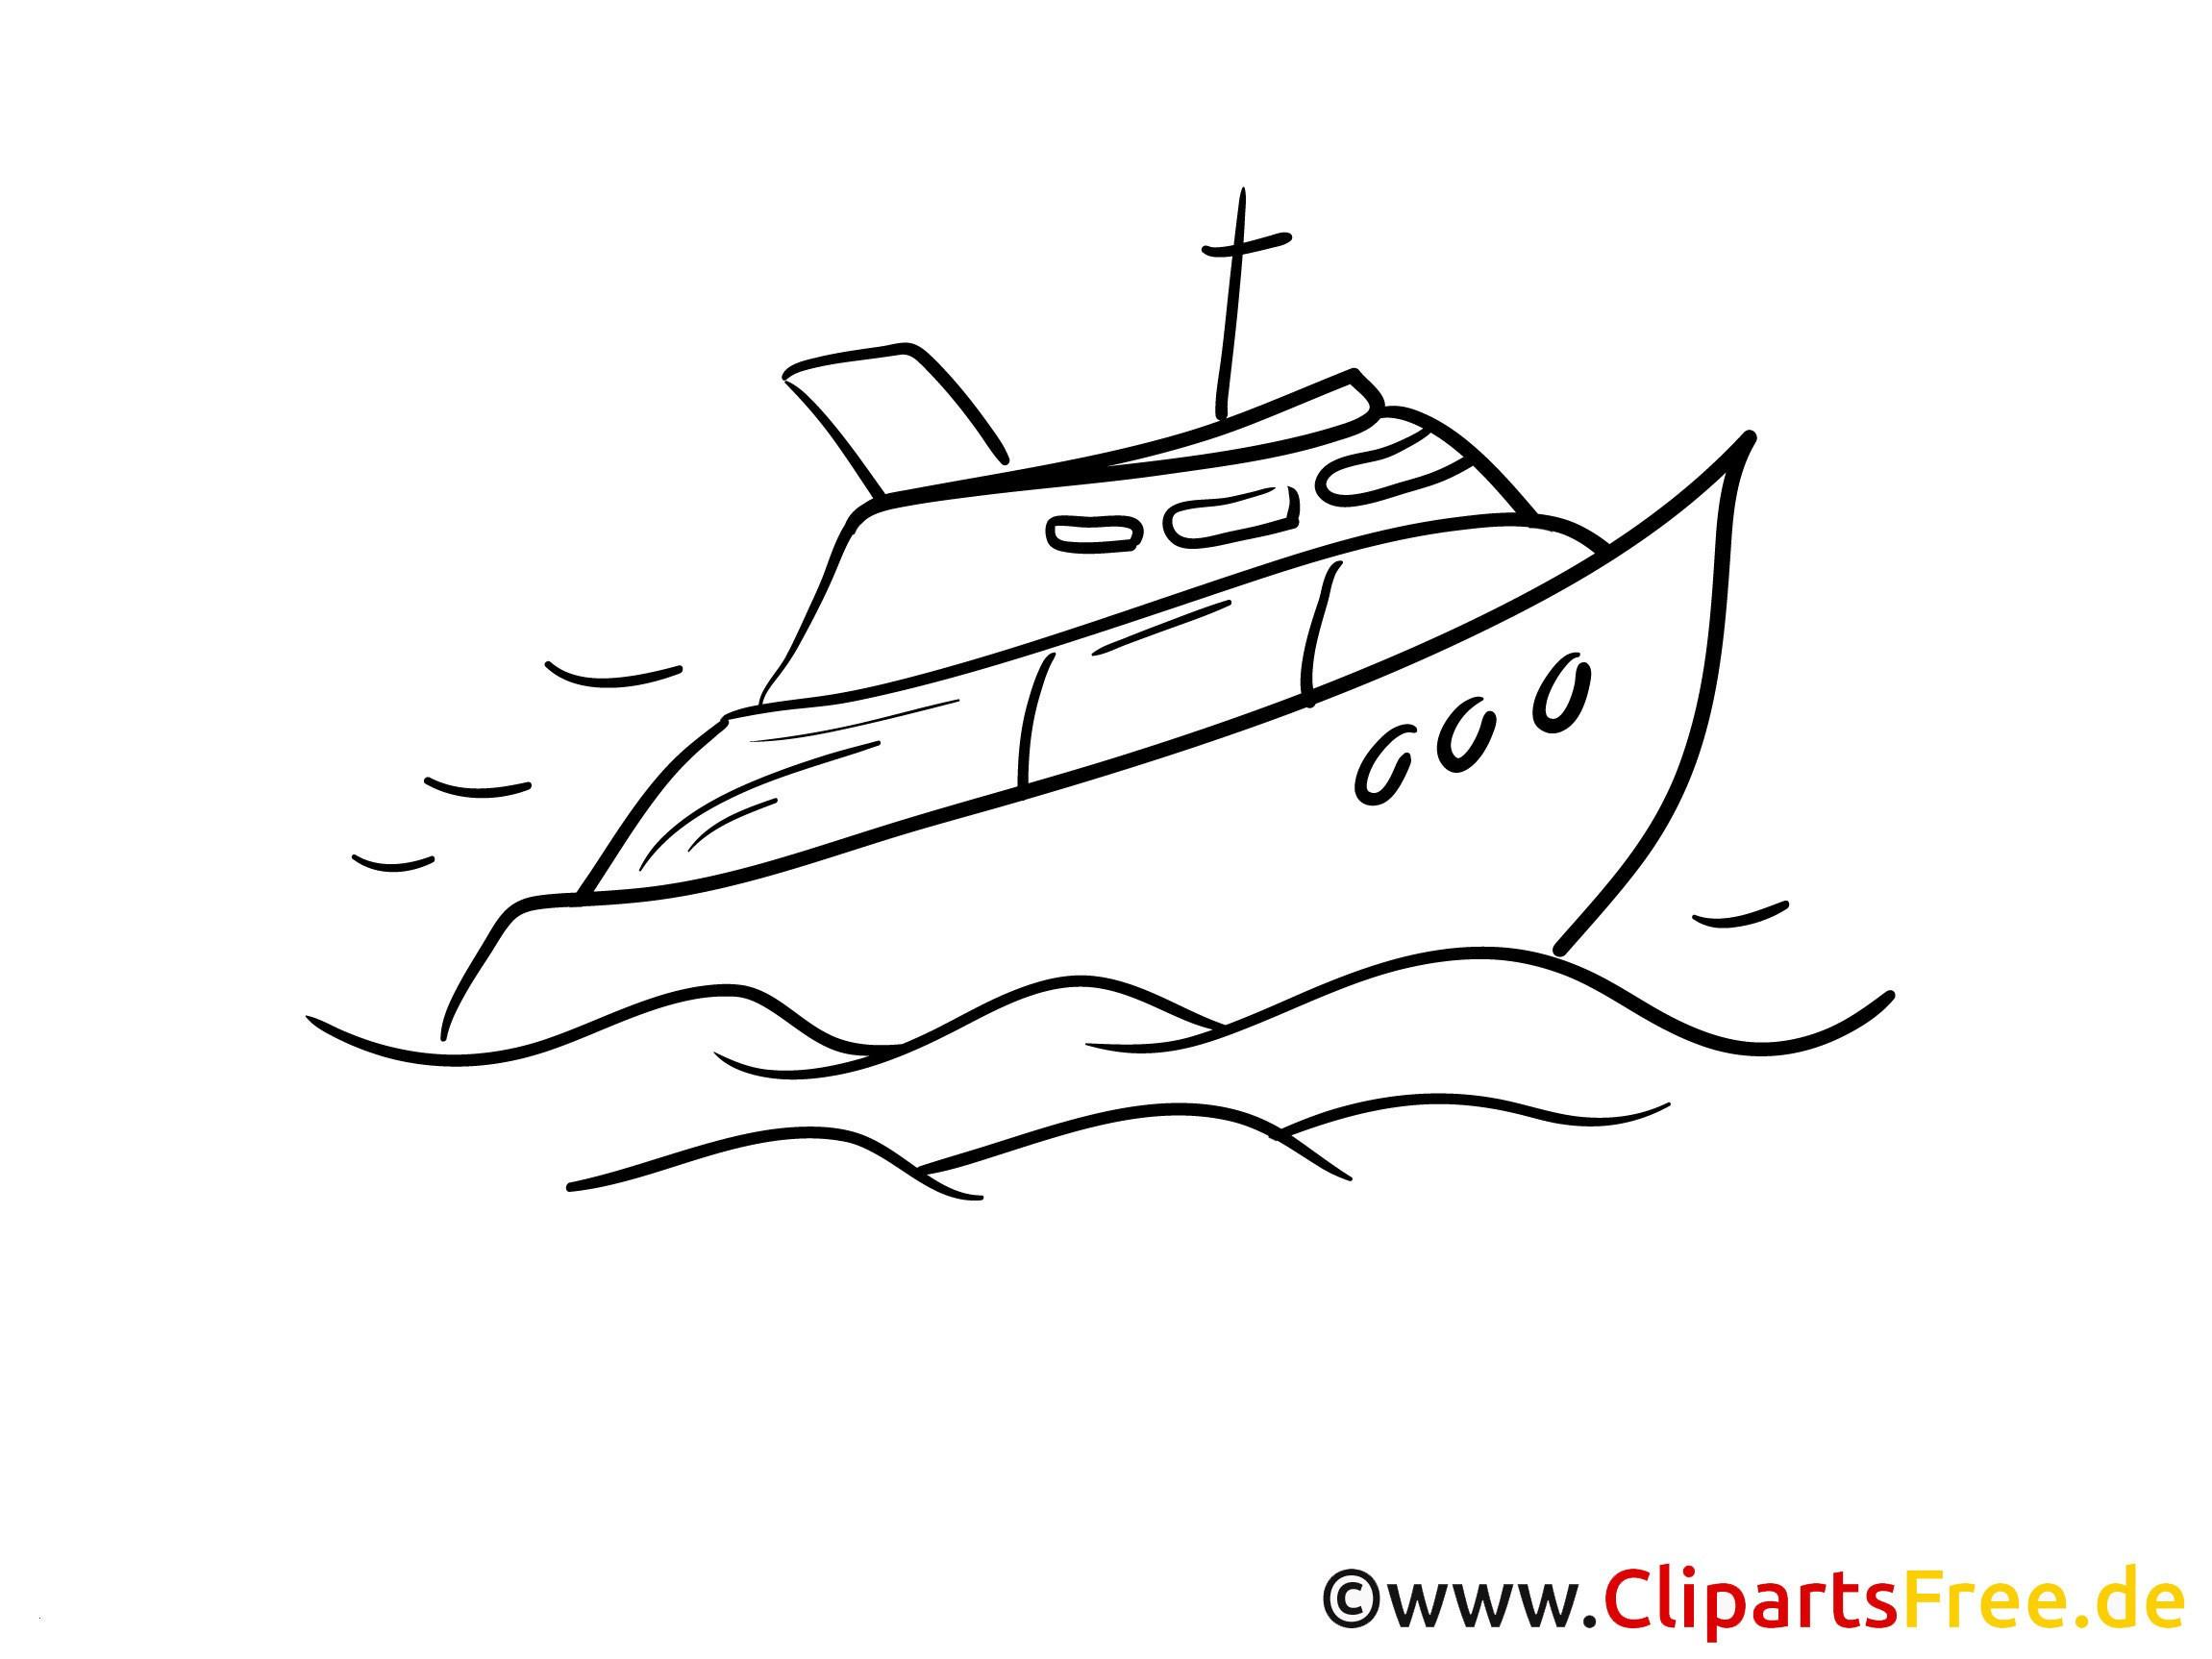 Schiffe Zum Ausmalen Neu Malvorlagen Schiff Schön 35 Ausmalbilder Boot Scoredatscore Stock